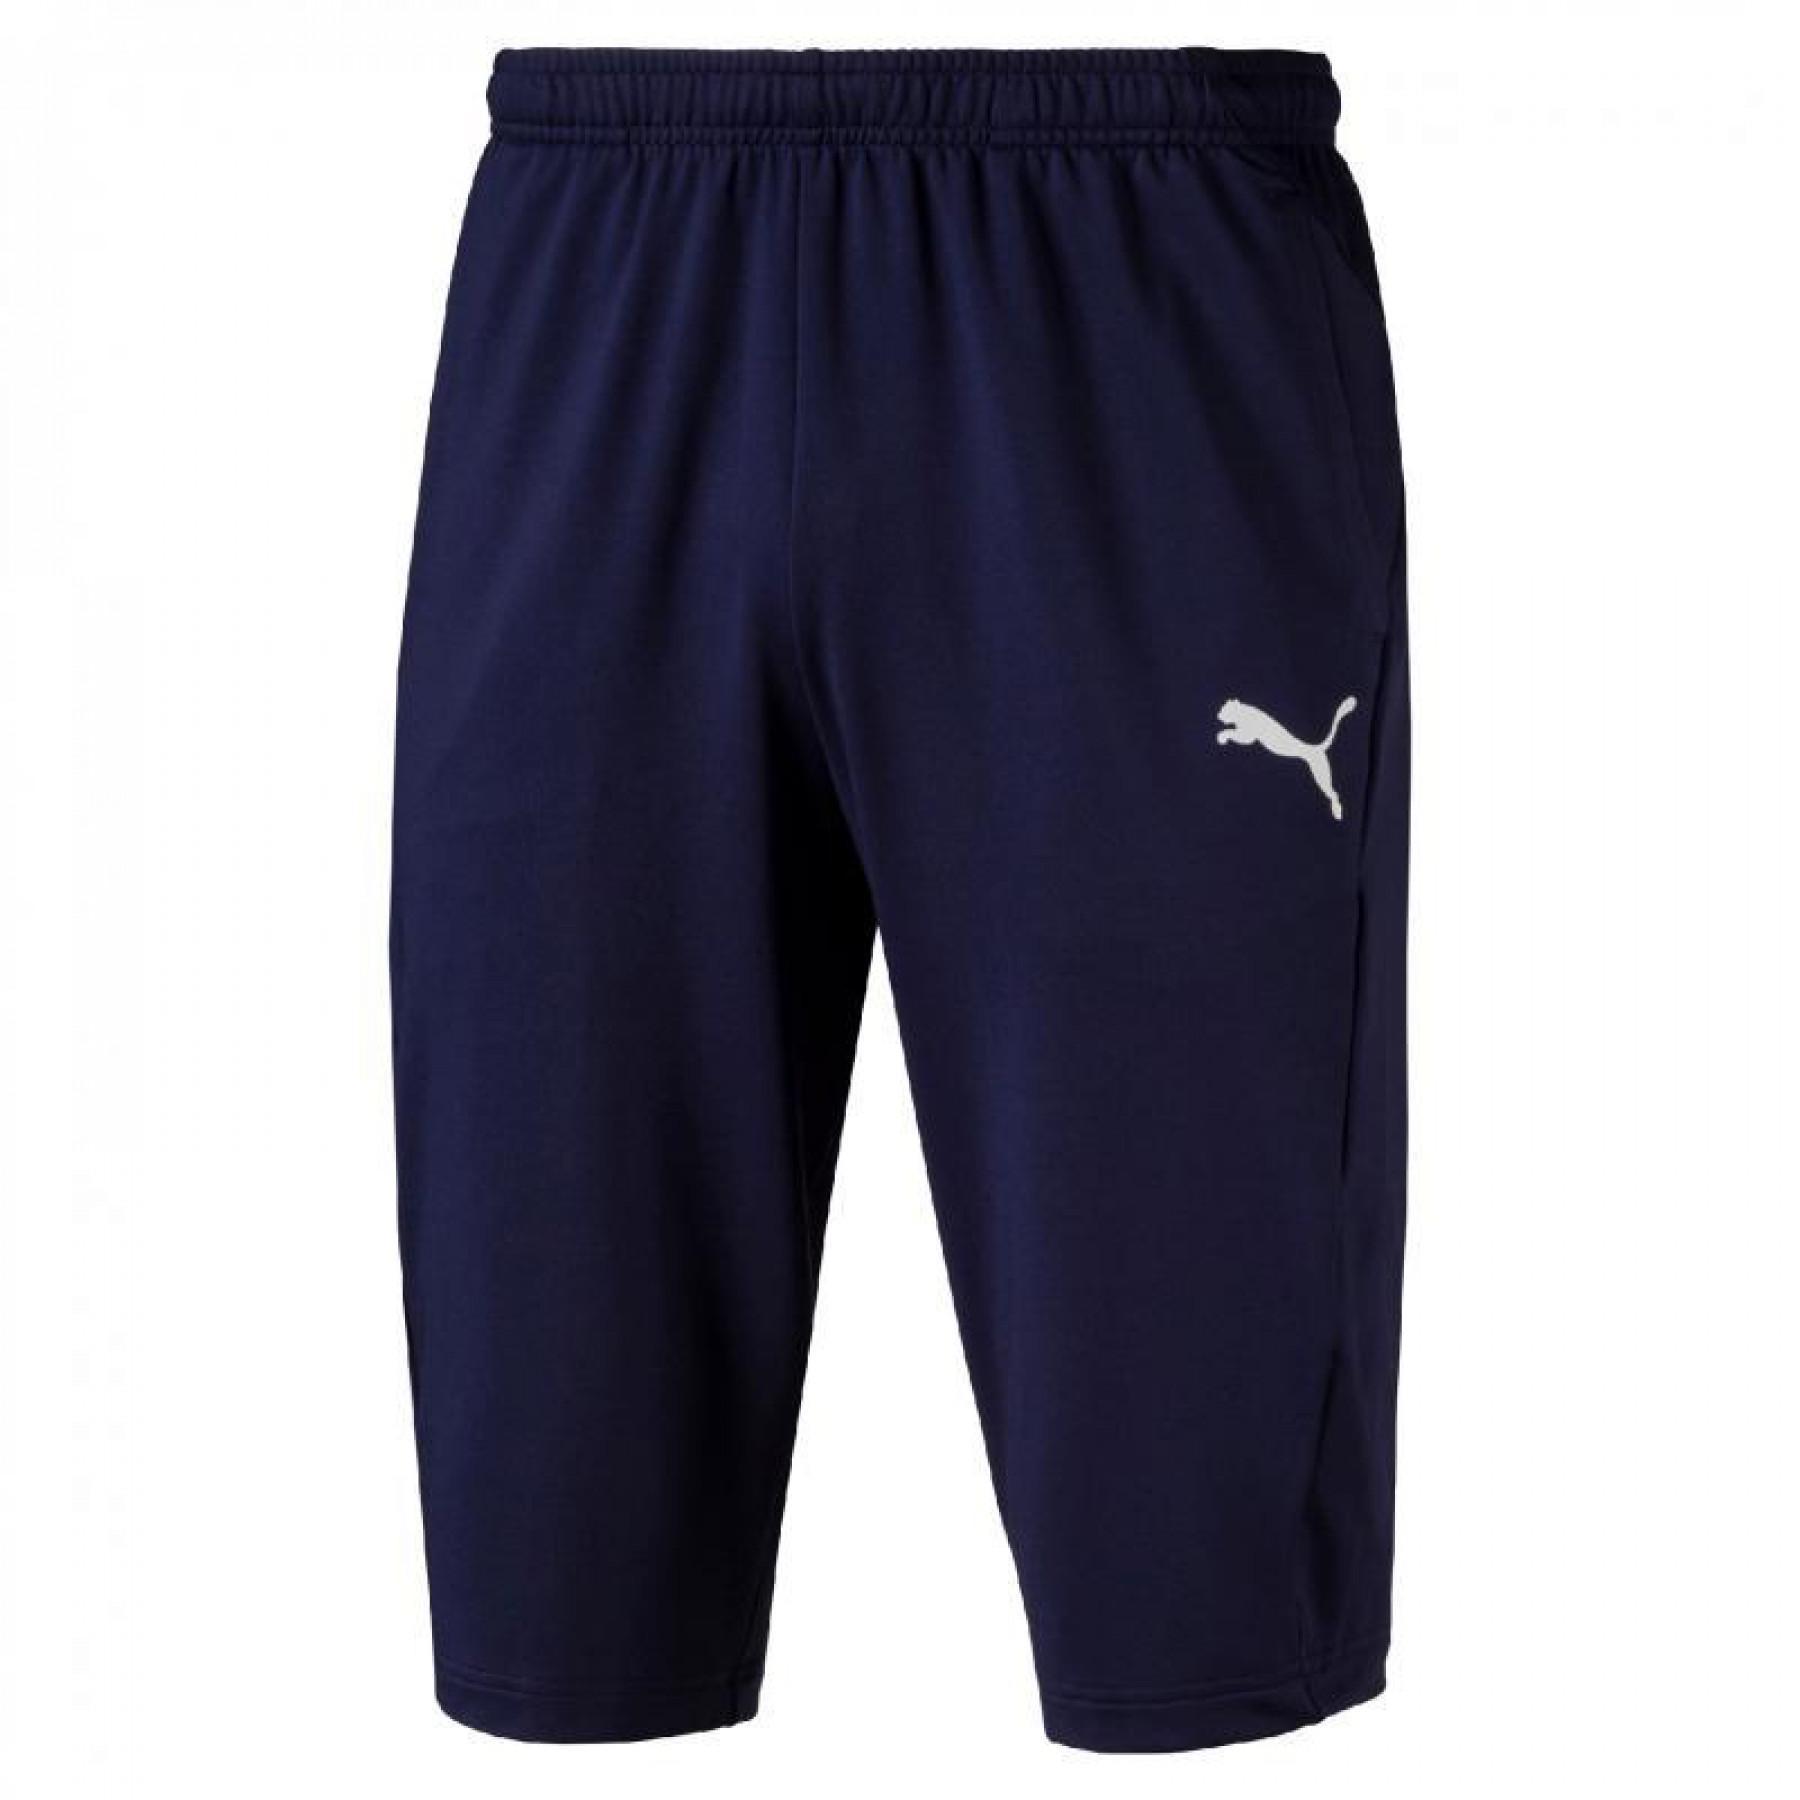 Pants Puma 3/4 Liga Training